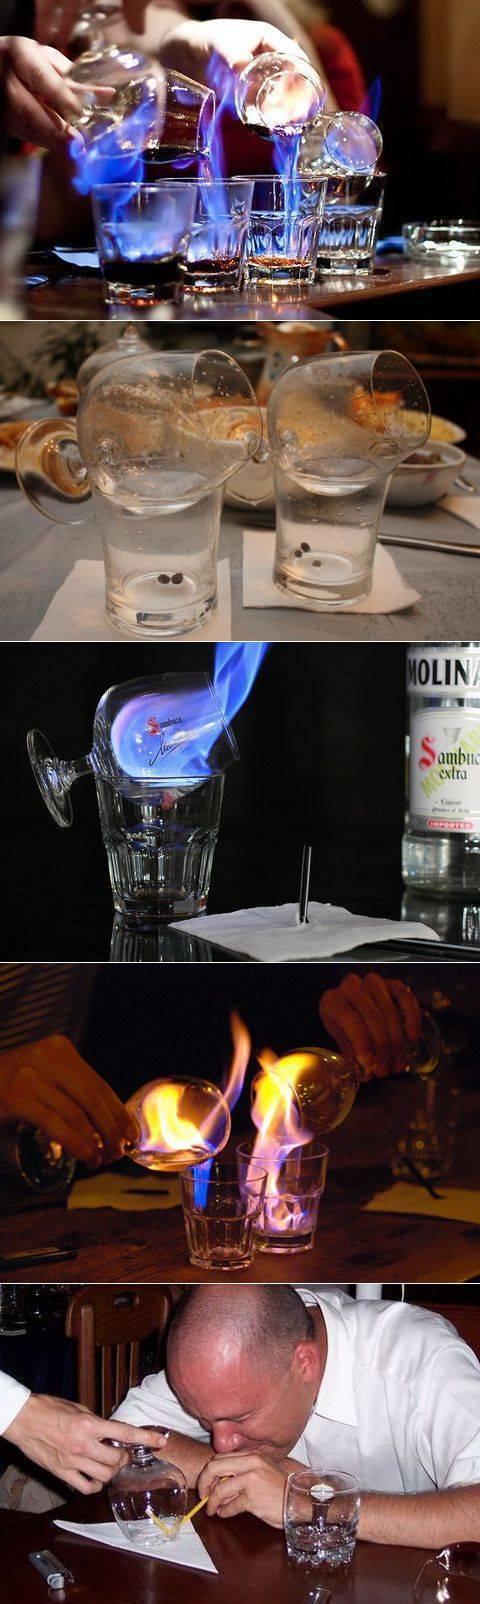 Как поджигать самбуку в домашних условиях. как правильно пить самбуку и чем закусывать — советы новичкам. способ – экстремальный